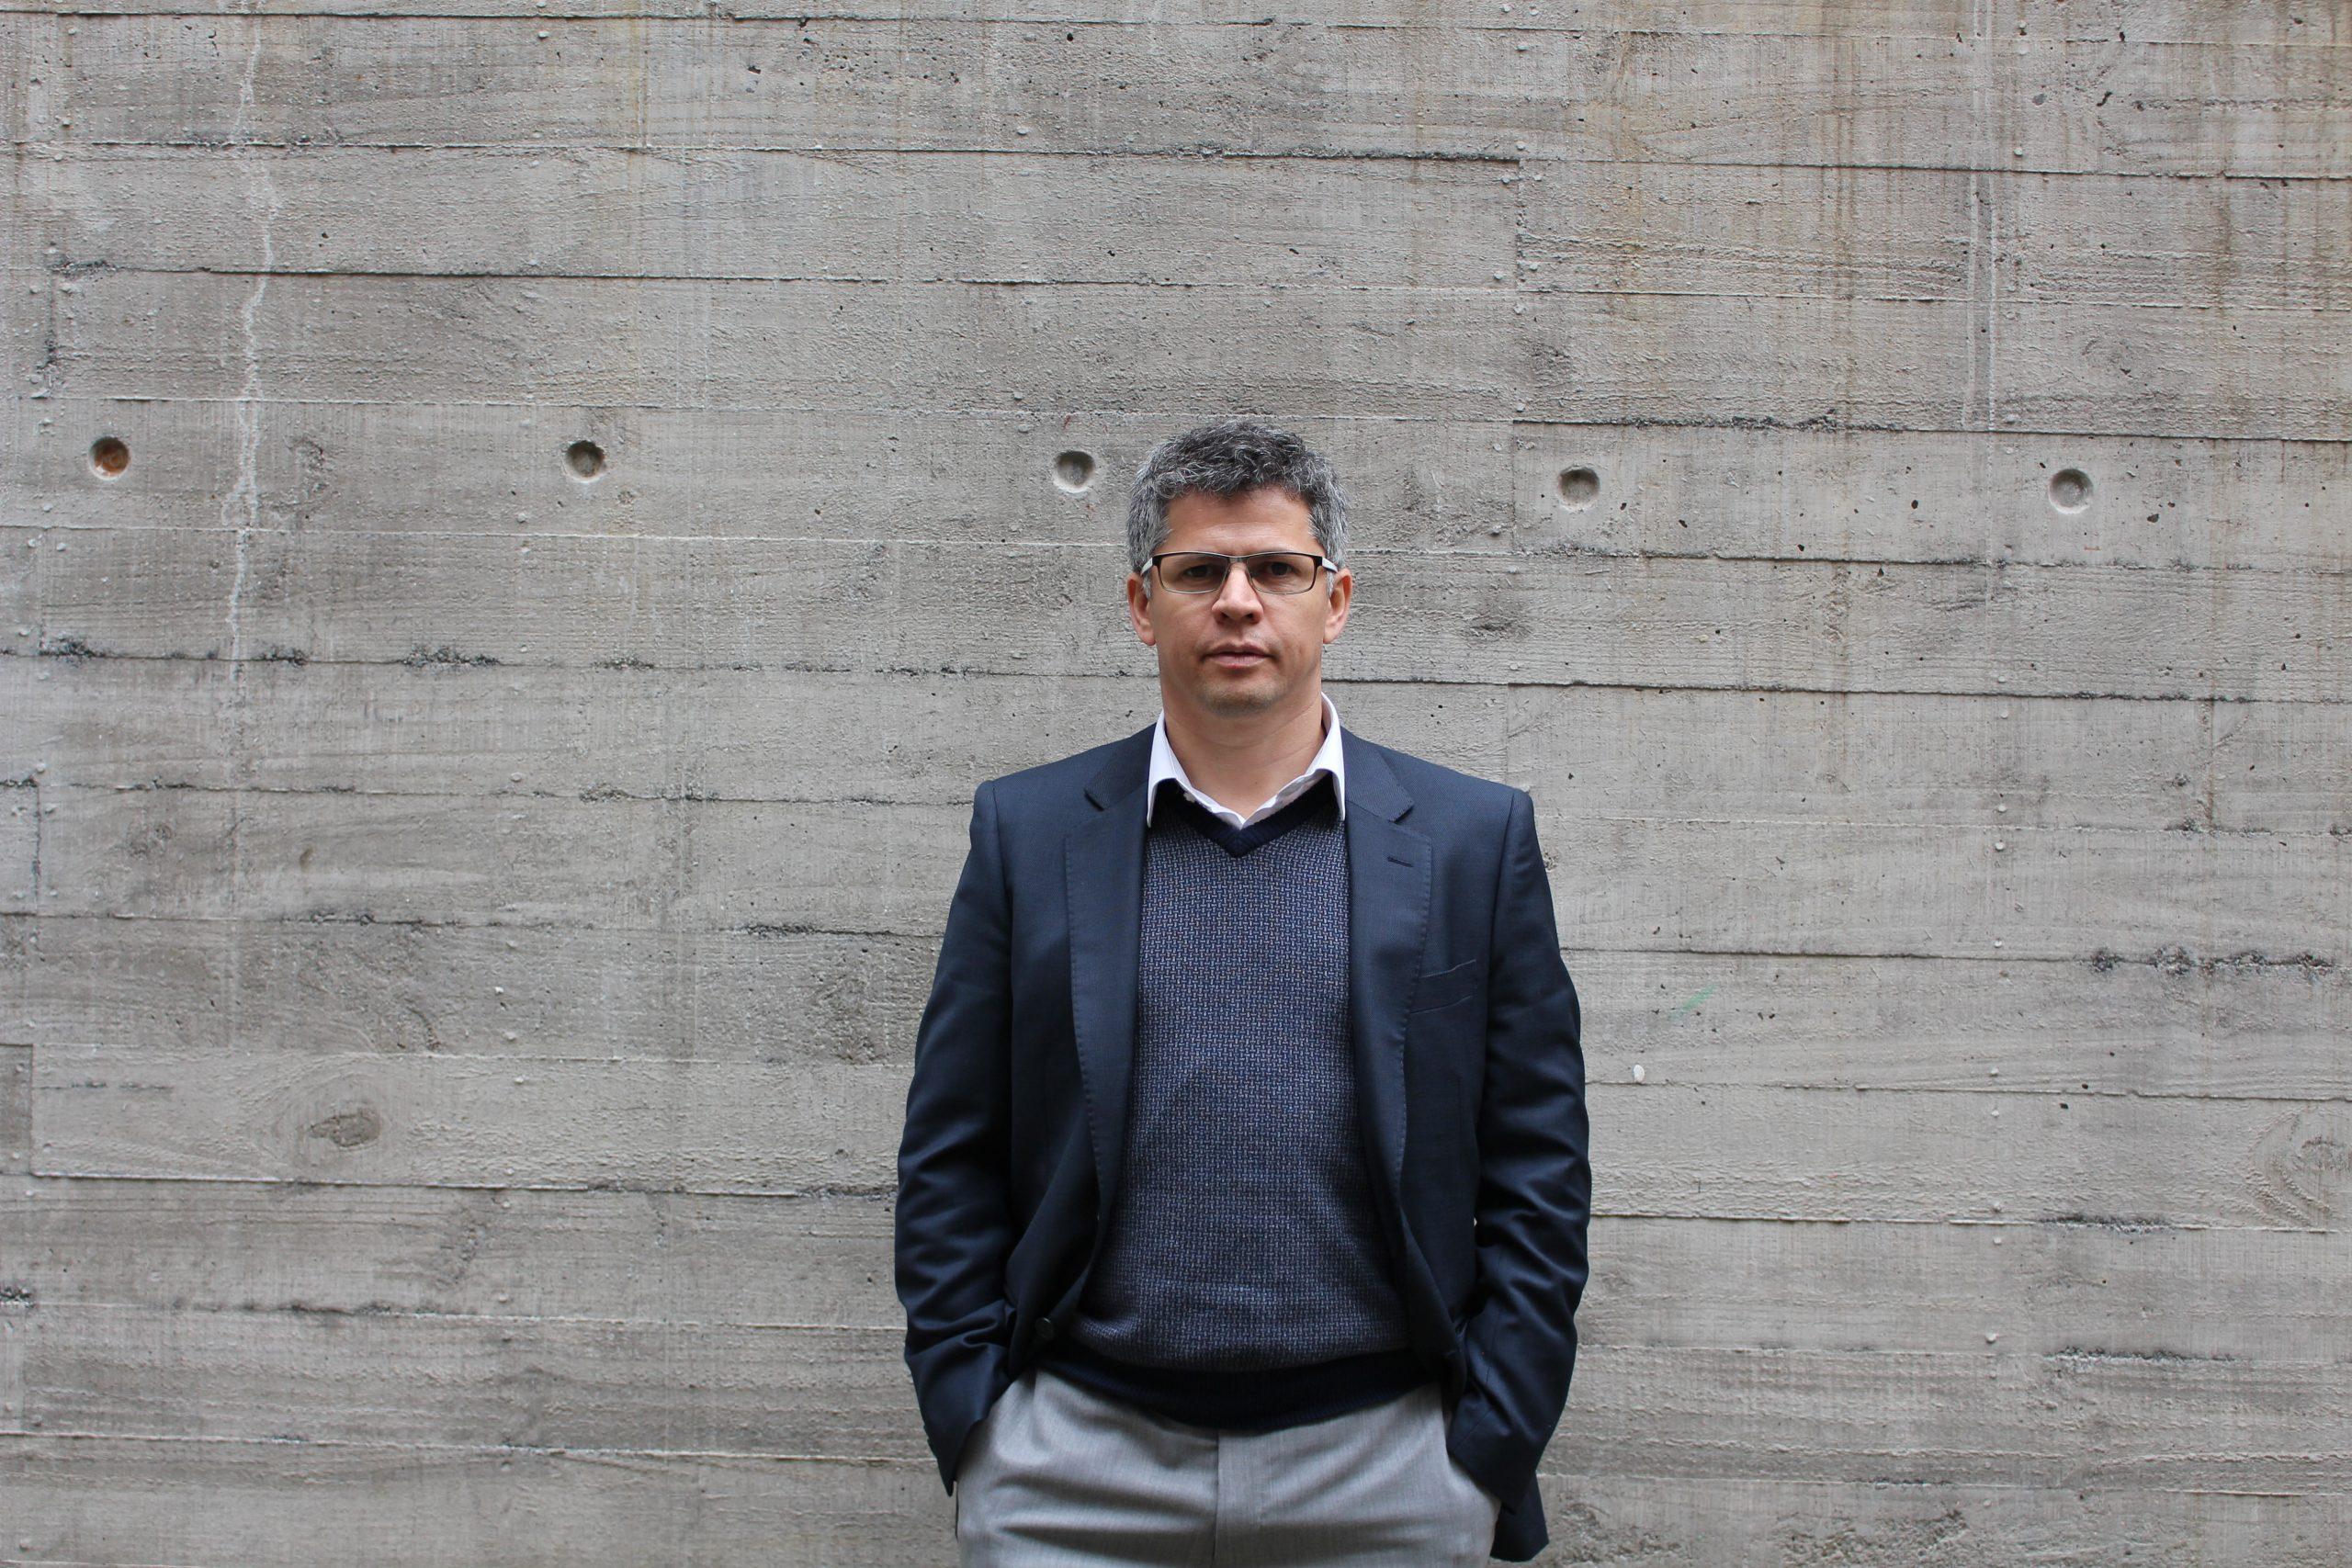 Profesor Luis Fuentes es reelecto como director del Instituto de Estudios Urbanos y Territoriales para el período 2021-2024